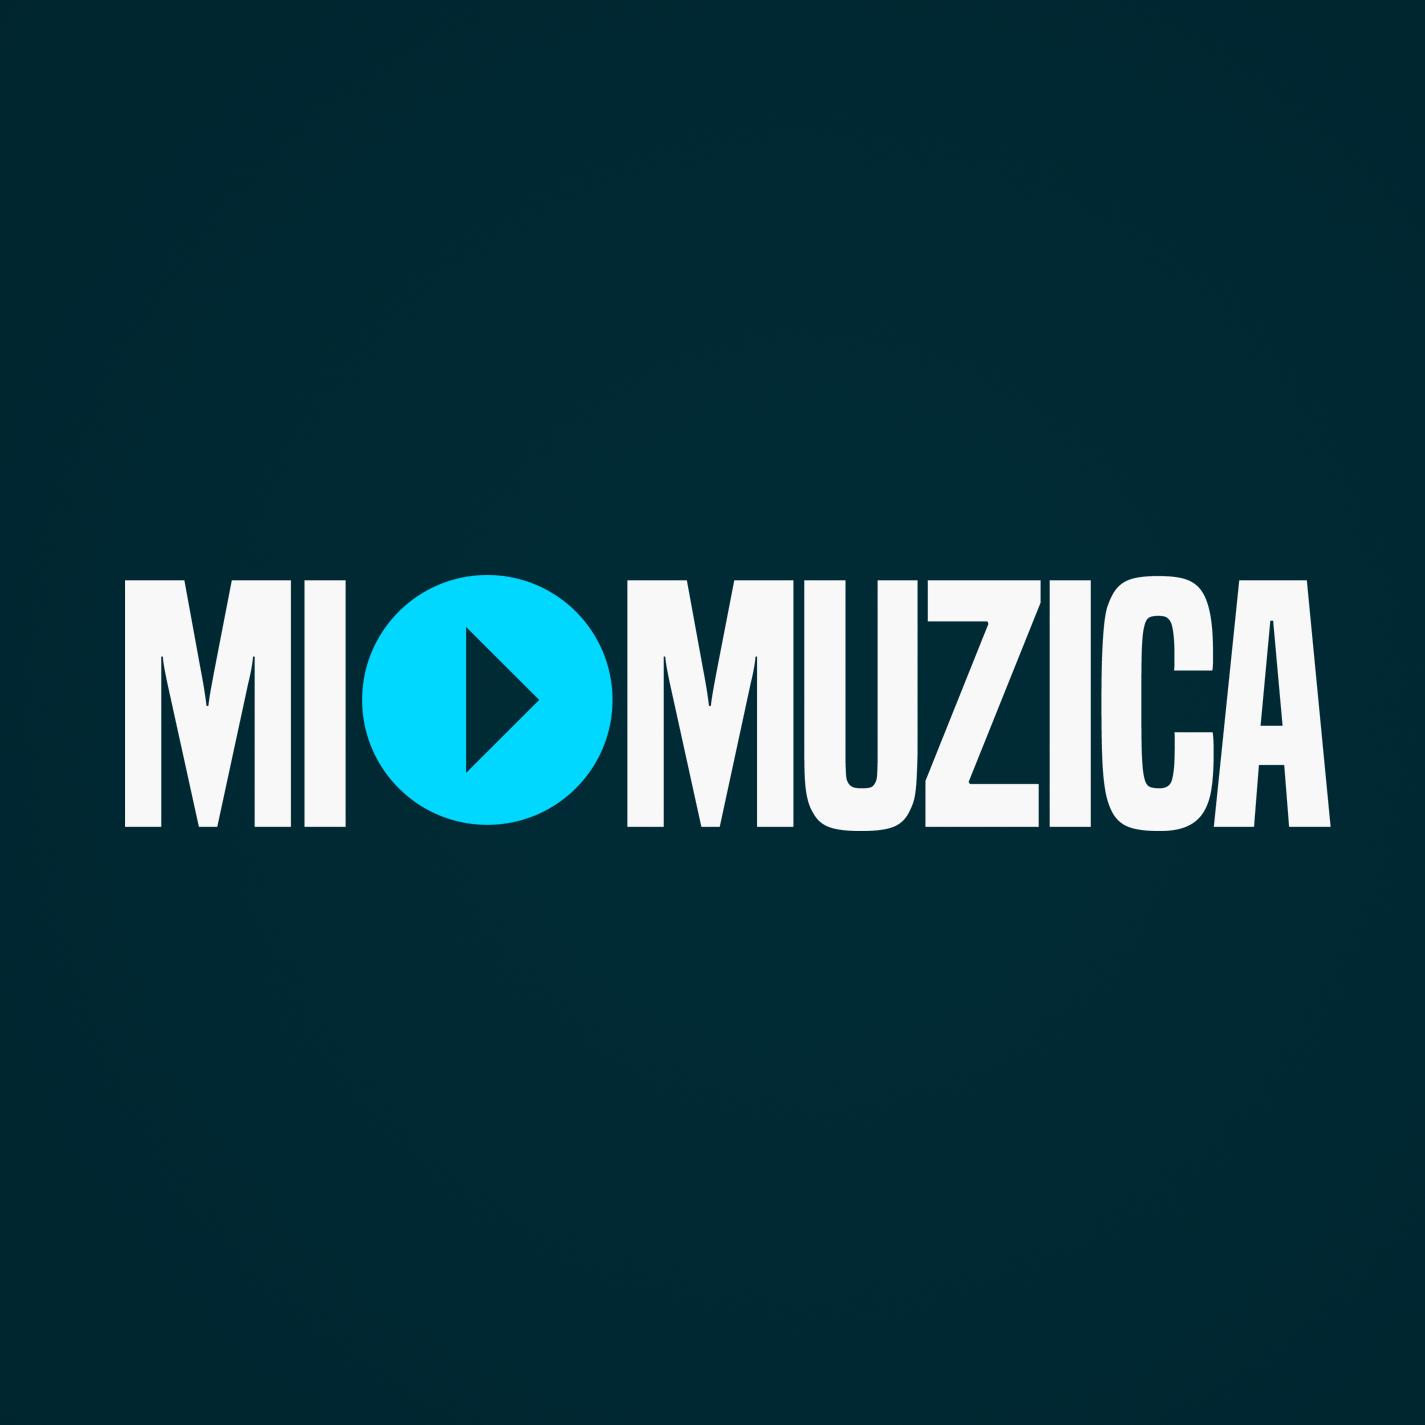 Mi Muzica | Salsa Exitos | 64k | www.mimuzica.com